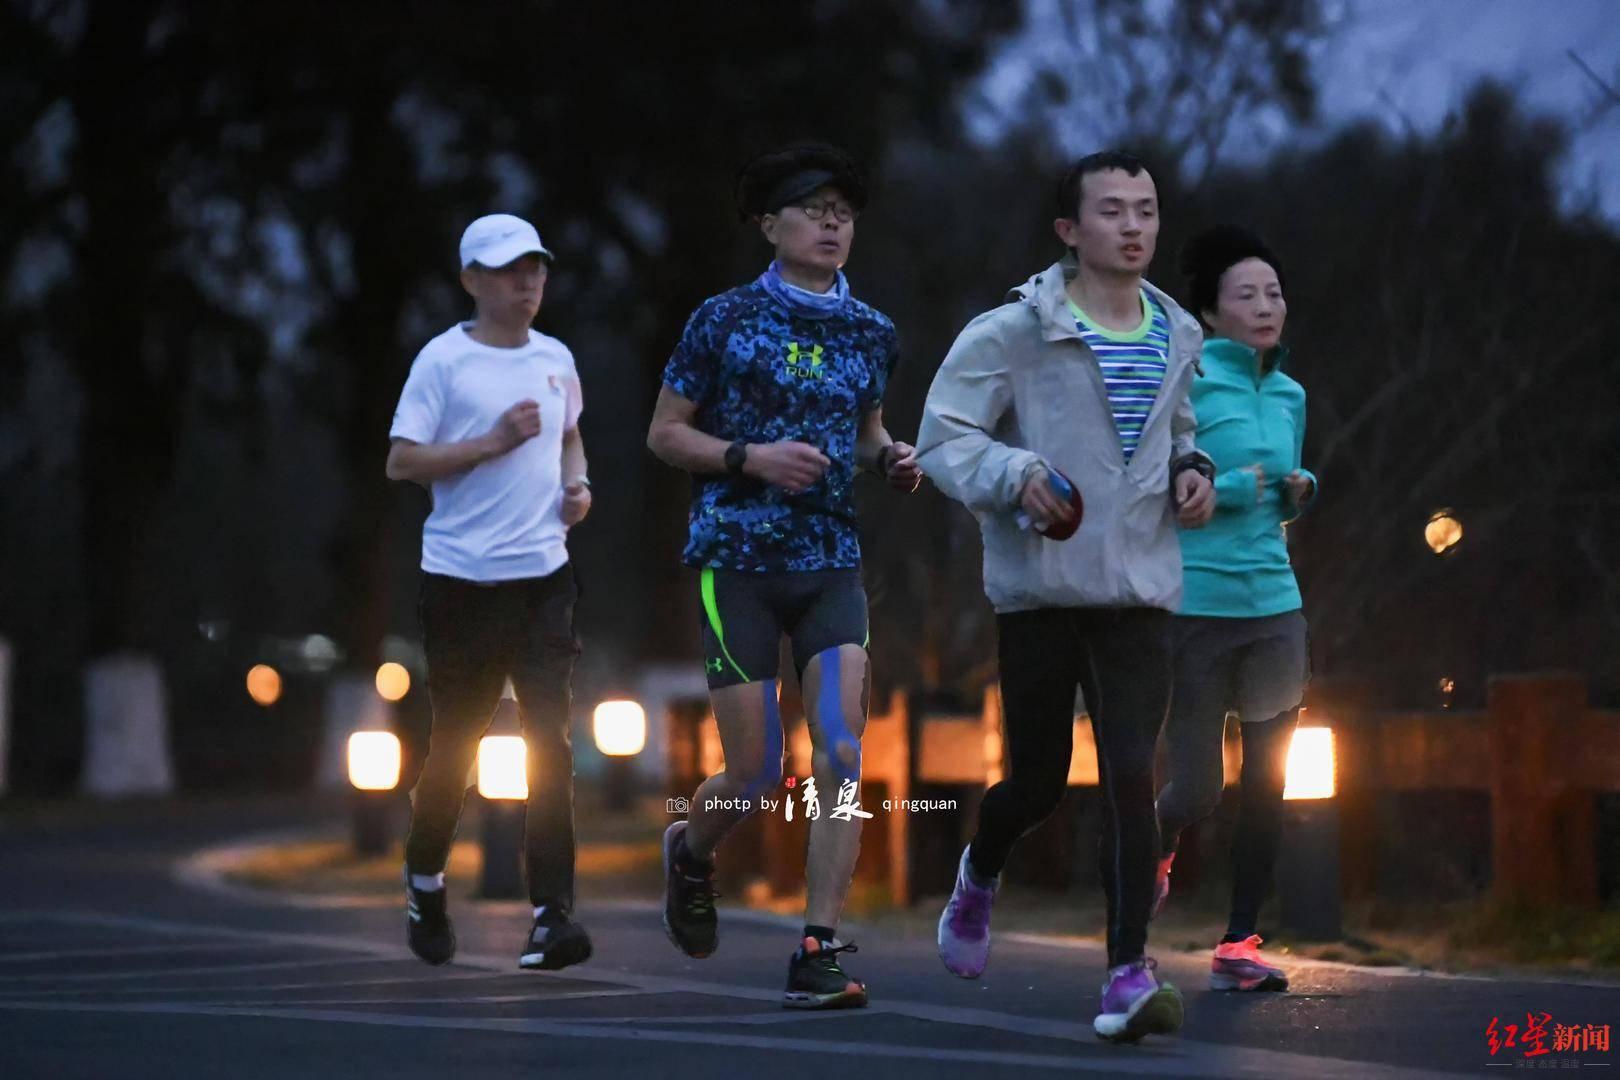 """三天三夜跑了500公里!成都跑友圈五旬""""大神""""完成极限超跑挑战"""